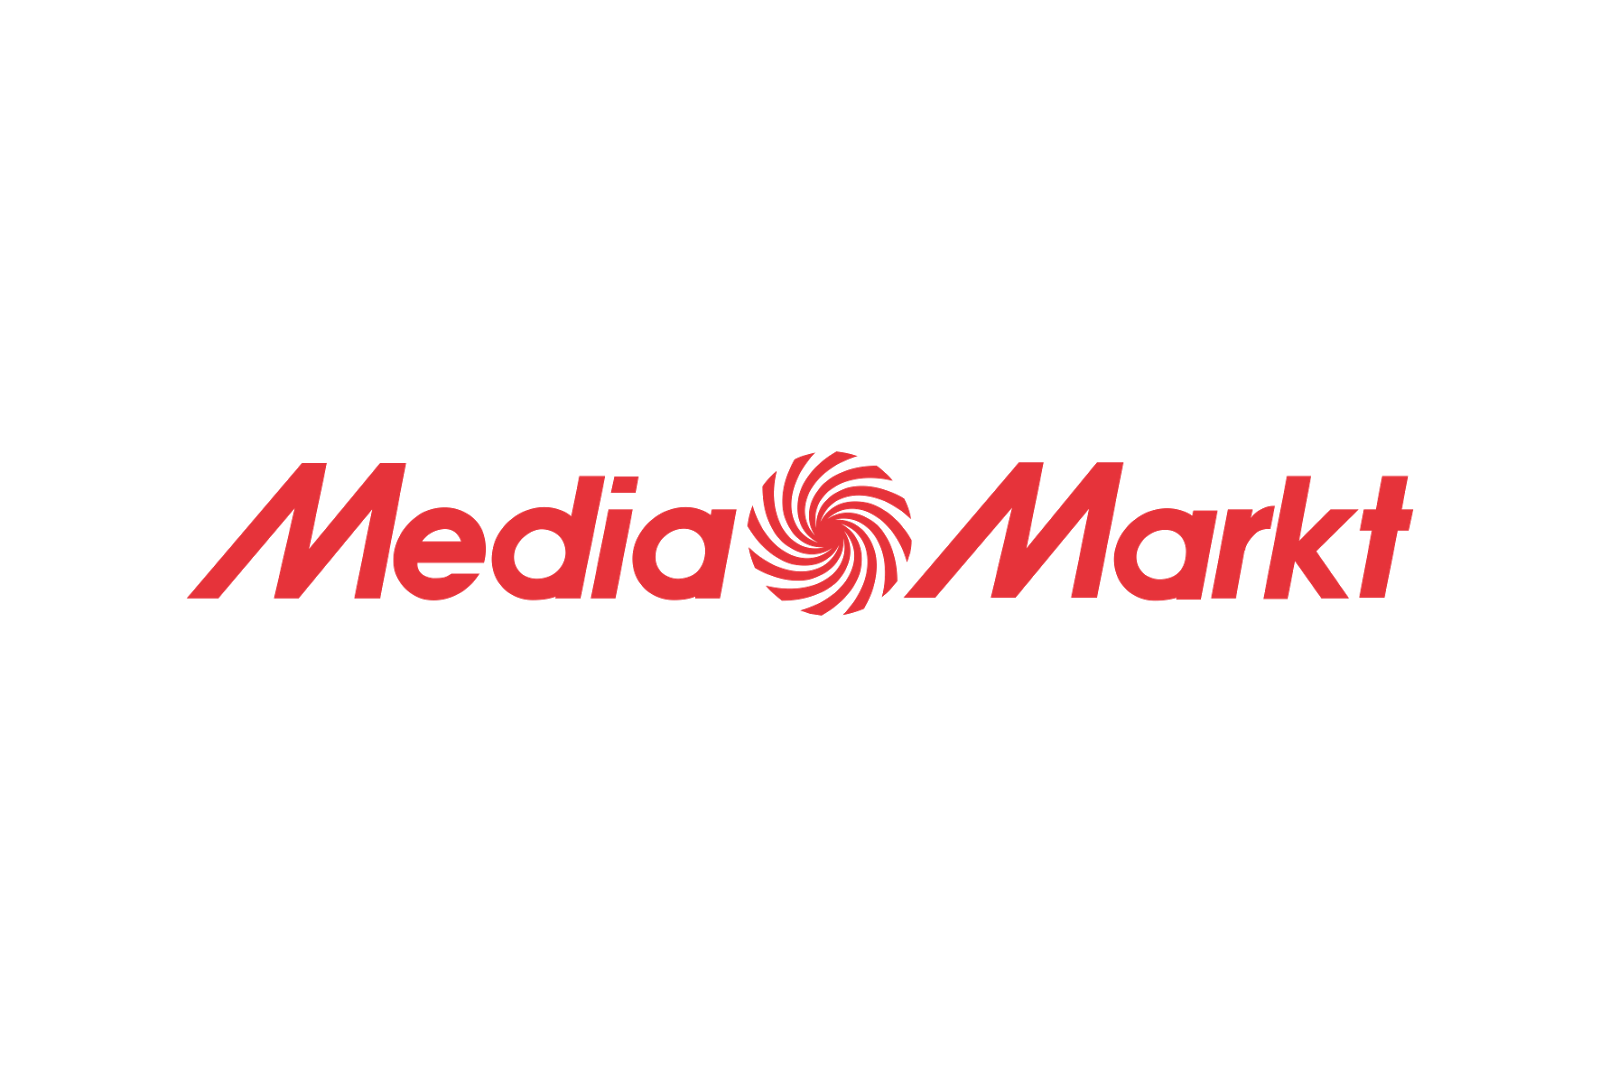 media markt logo. Black Bedroom Furniture Sets. Home Design Ideas